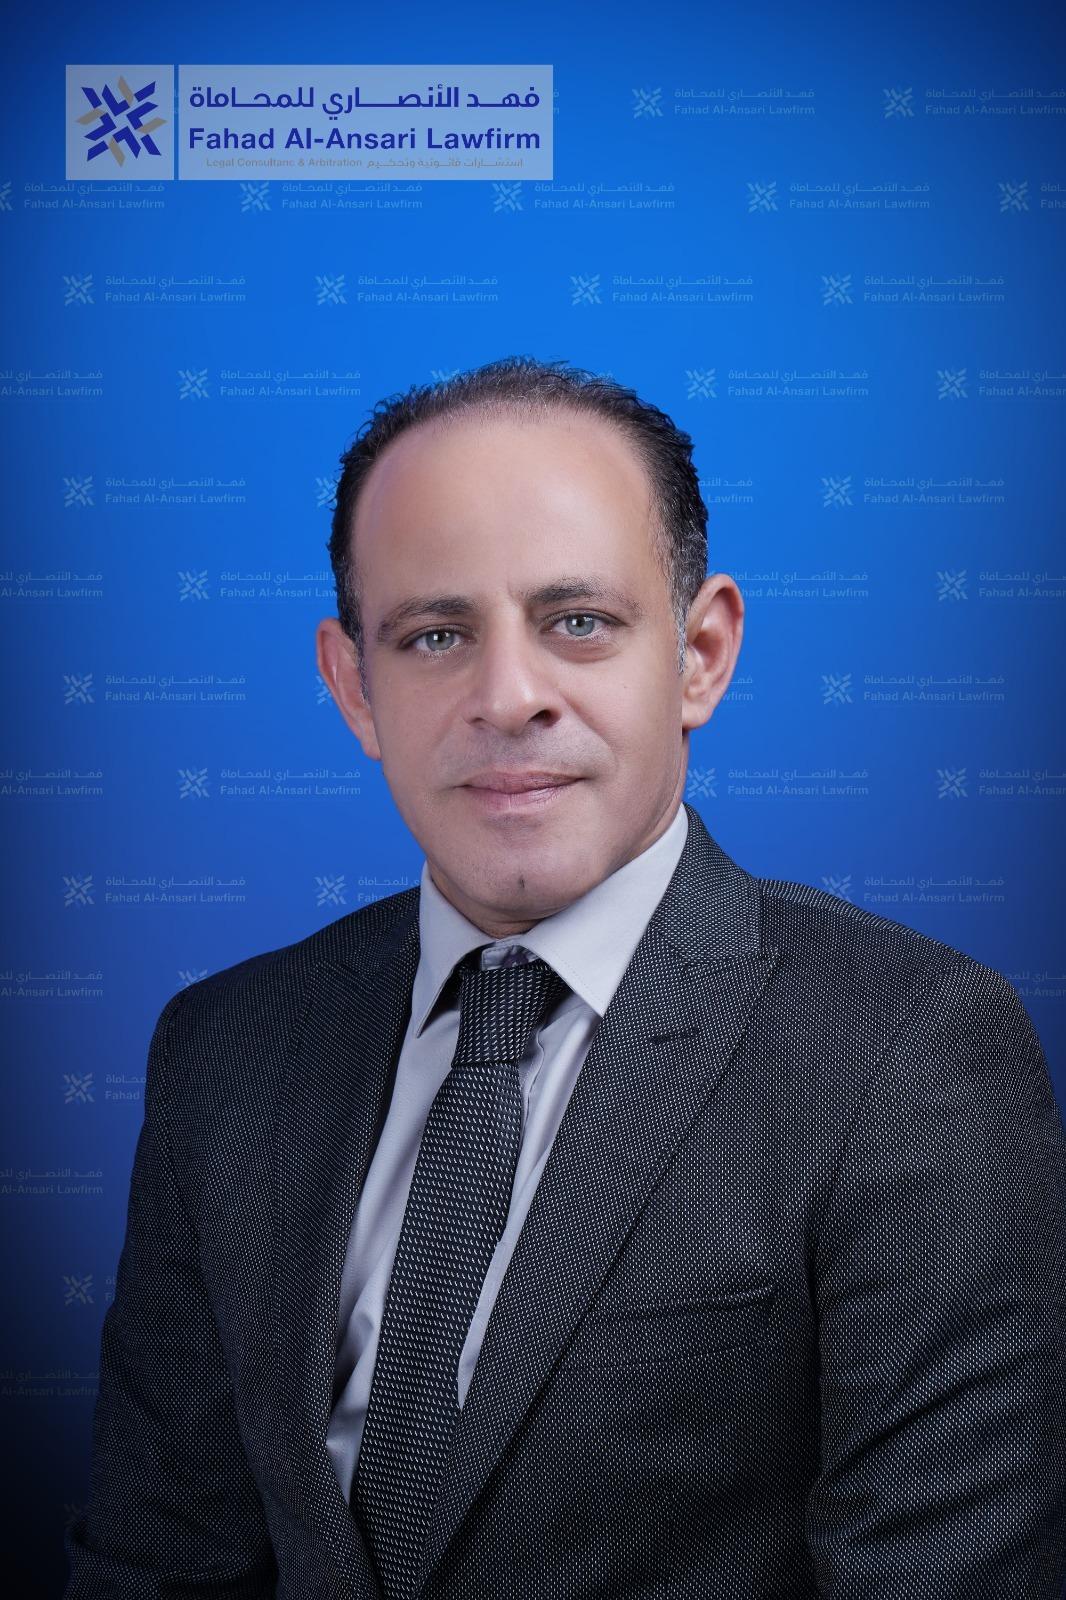 Mohamed Zakaria El-Sawy